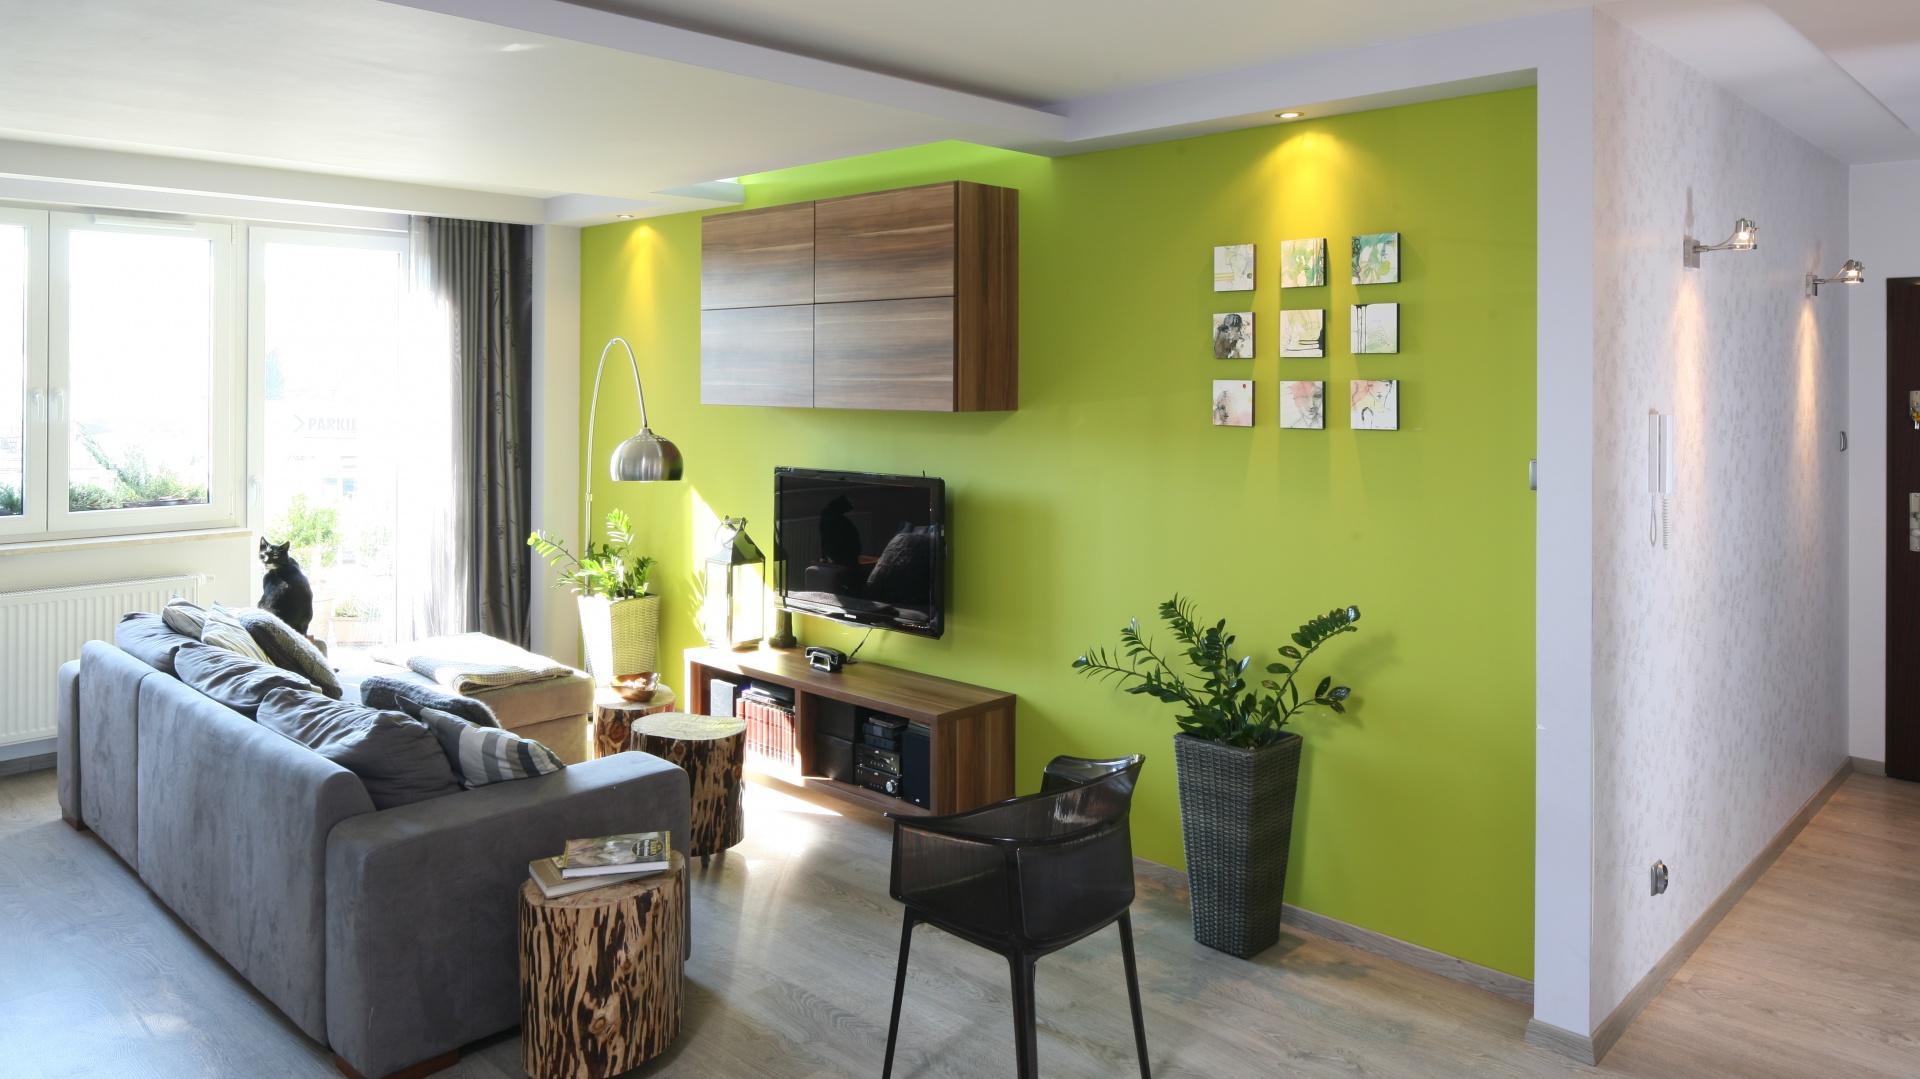 Zielony soczysty kolor ściany telewizyjnej ożywia szaro-białe wnętrze salonu. Projekt: Arkadiusz Grzędzicki. Fot. Bartosz Jarosz